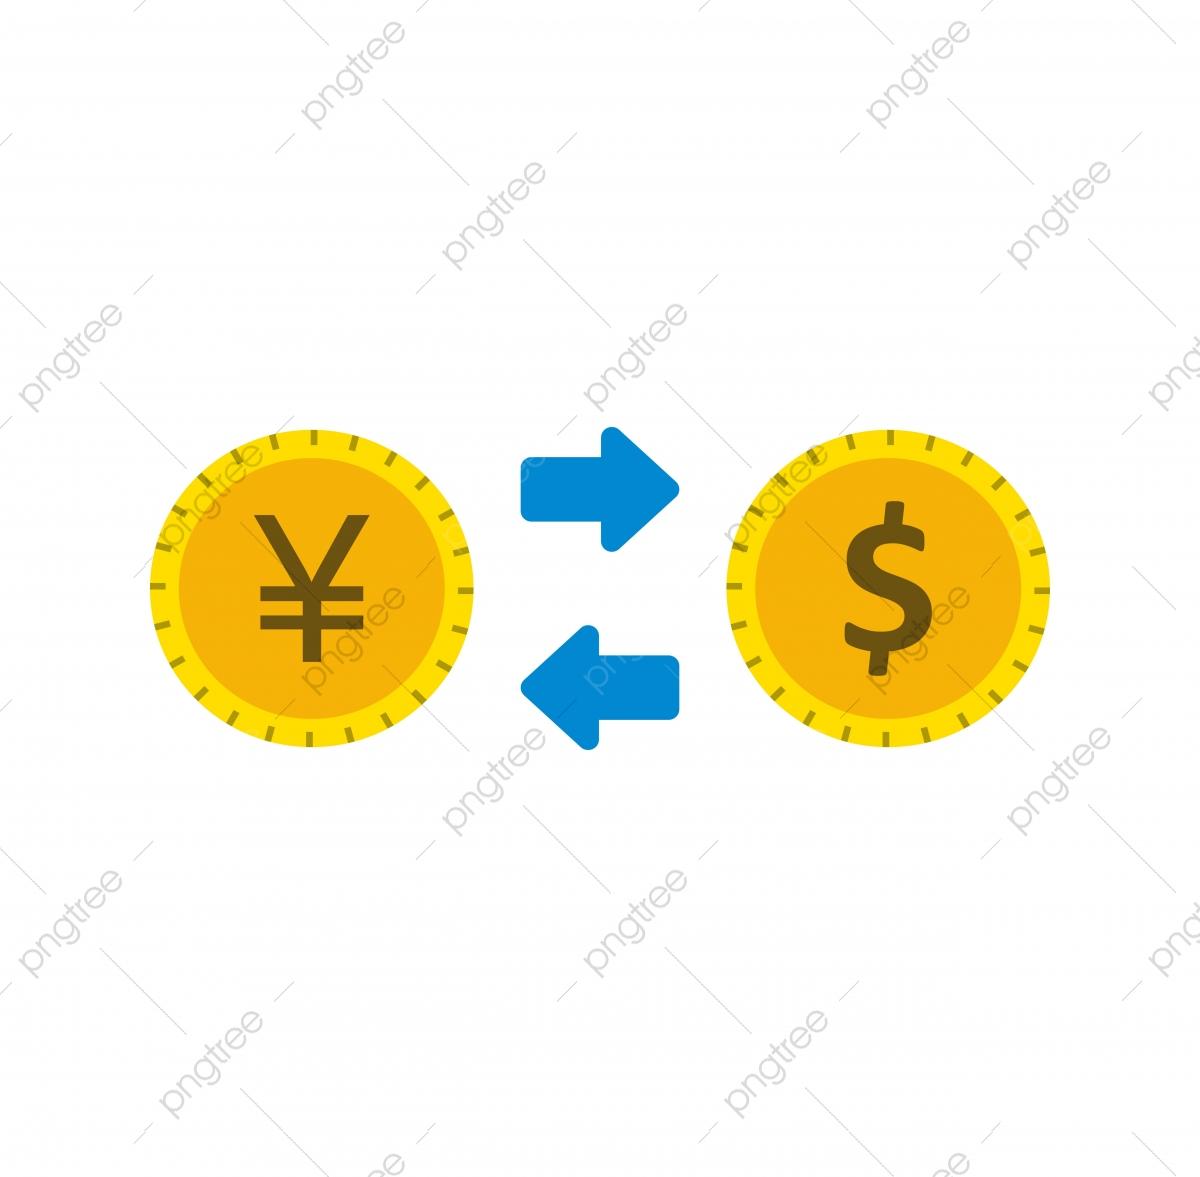 Tỷ Giá Hối đoái Biểu Tượng Phẳng, Tỷ Giá Hối đoái Biểu Tượng, Tiền ...